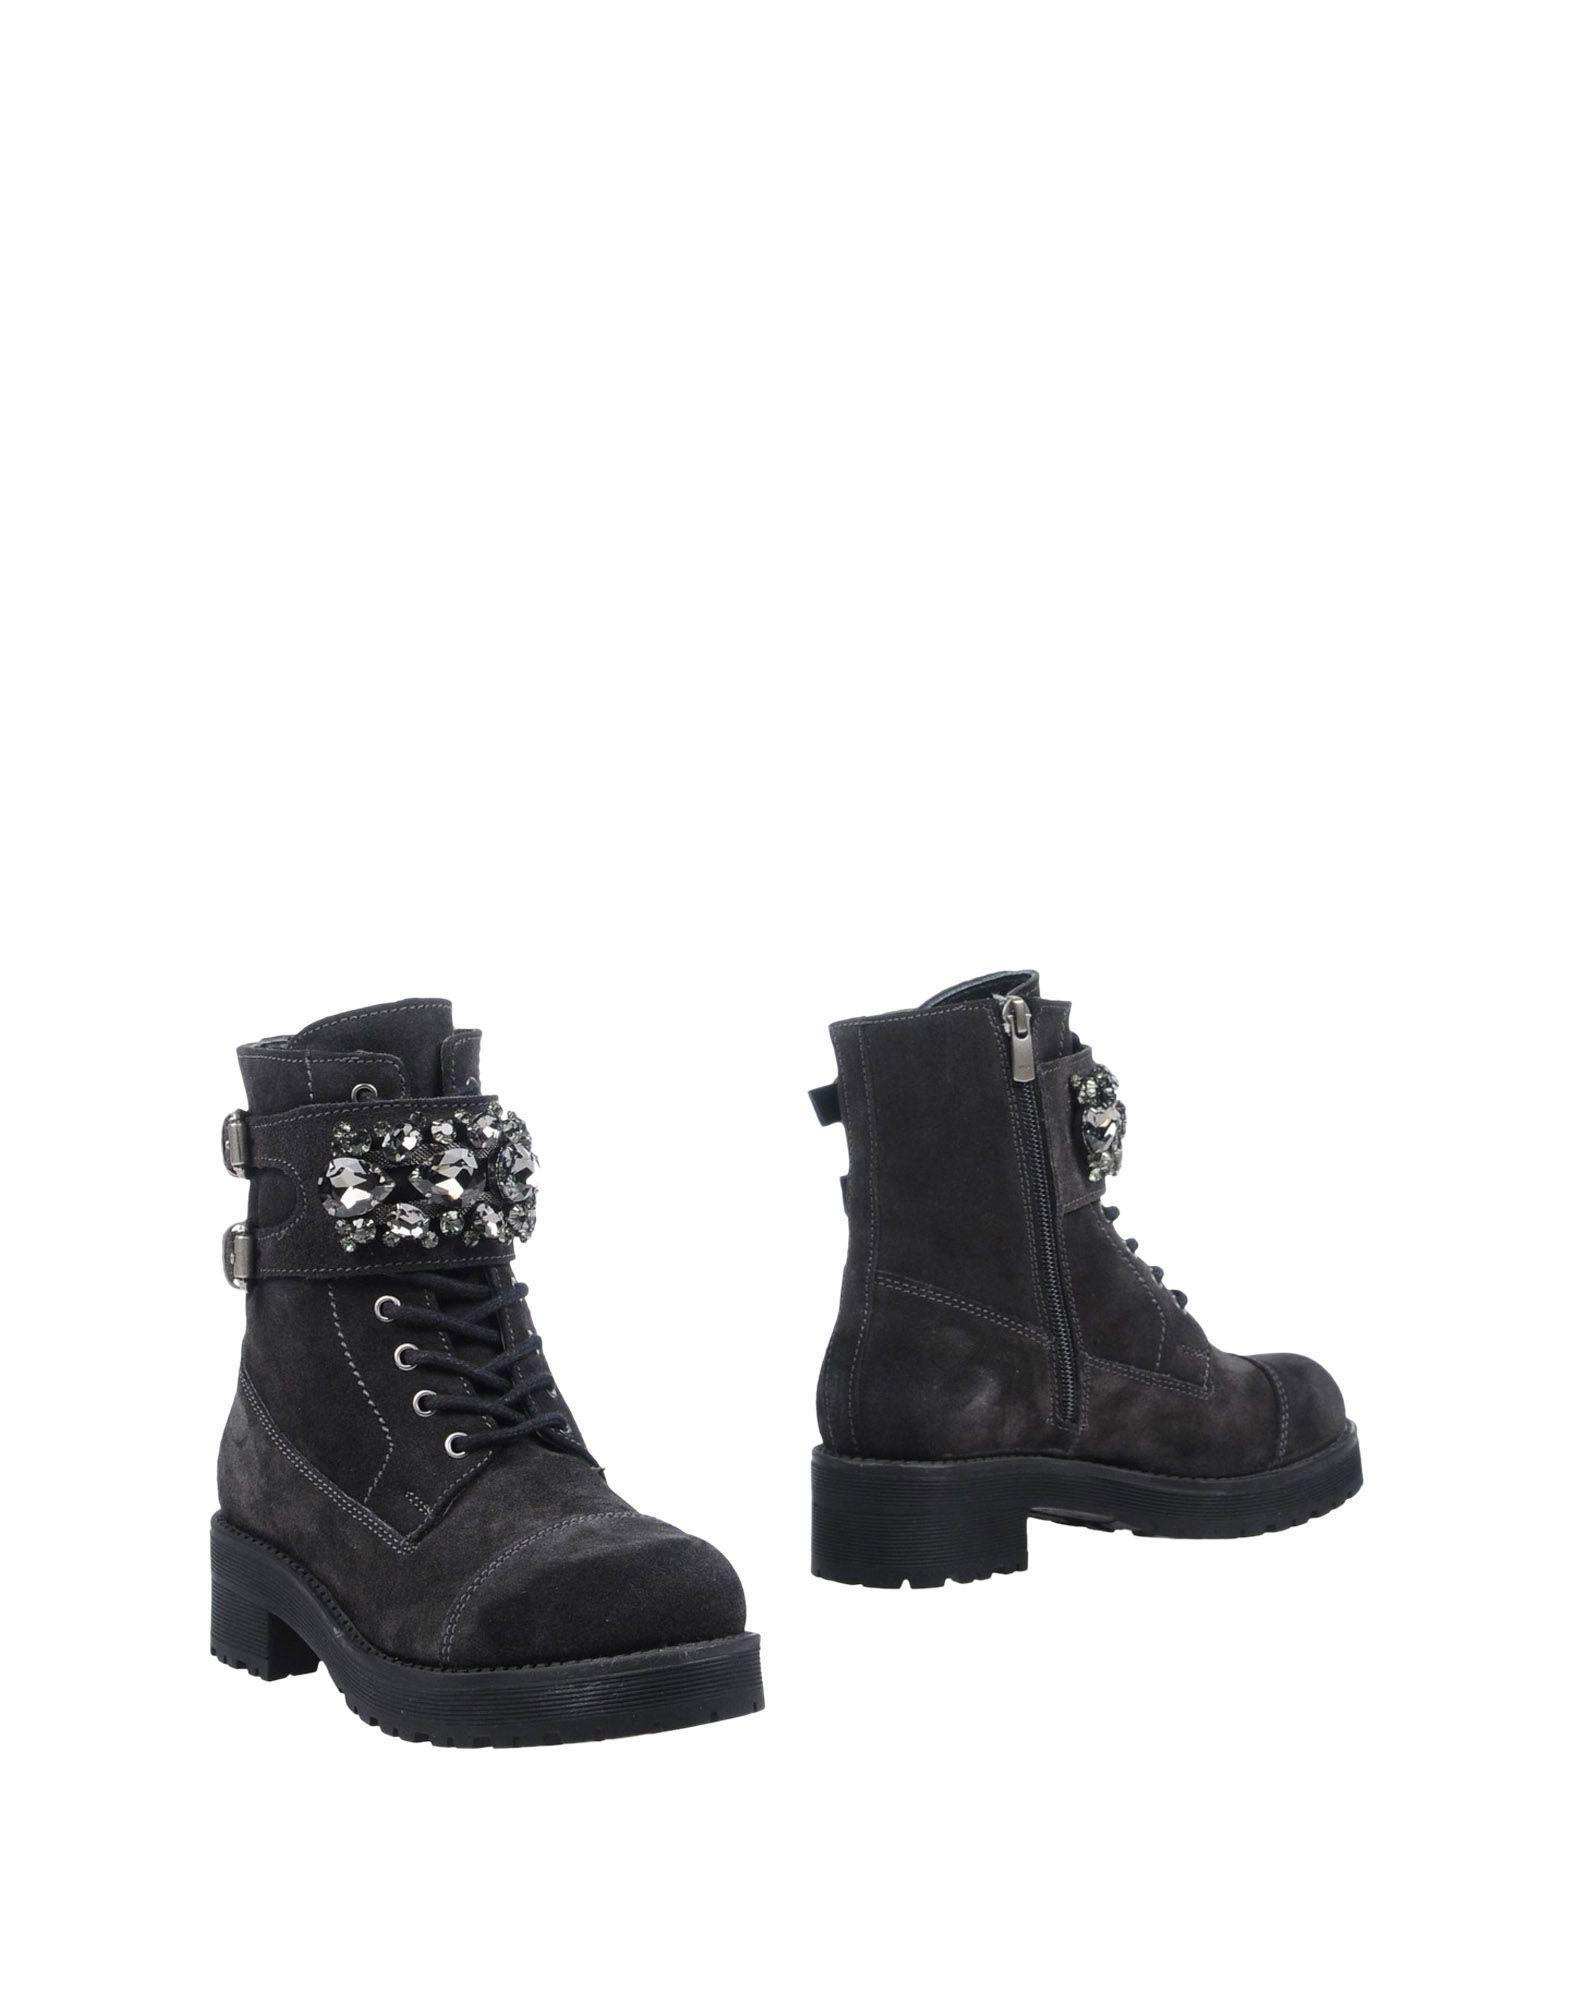 Carpe Diem Ankle Boots In Steel Grey